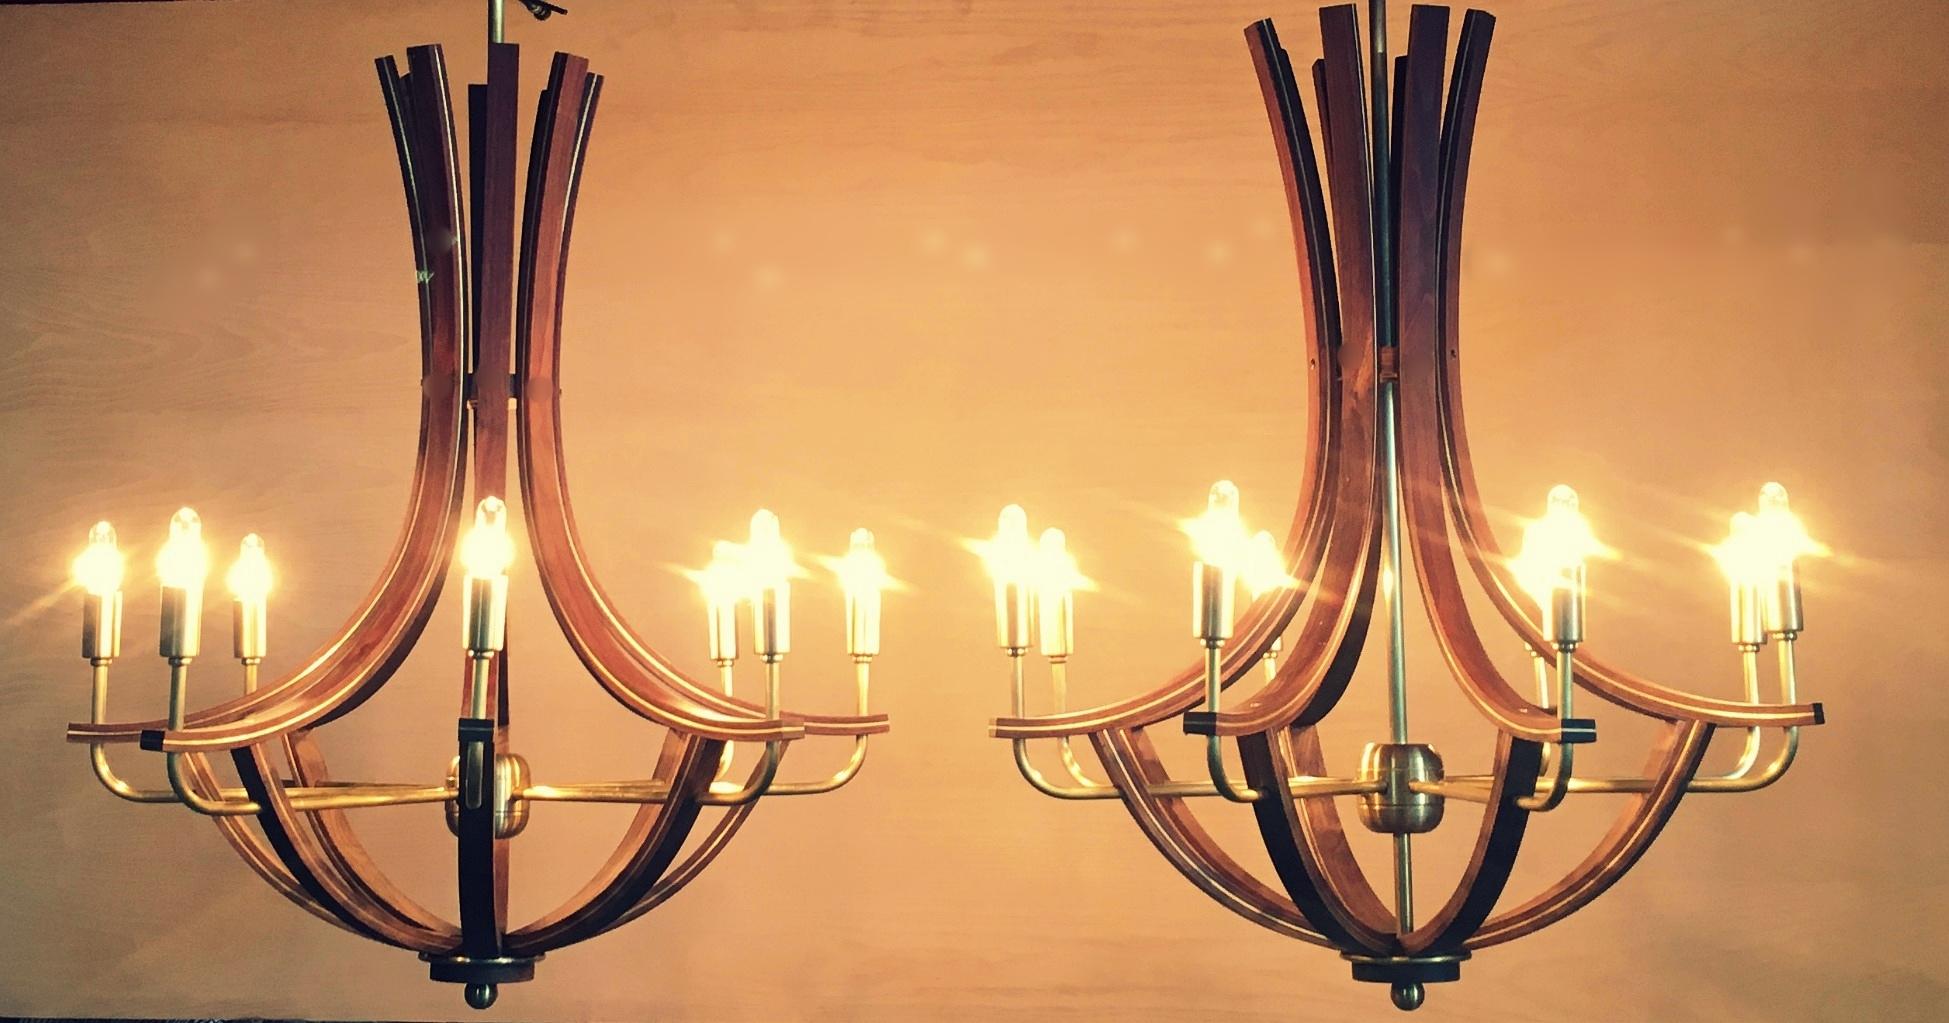 Walnut chandeliers inlayed with brass